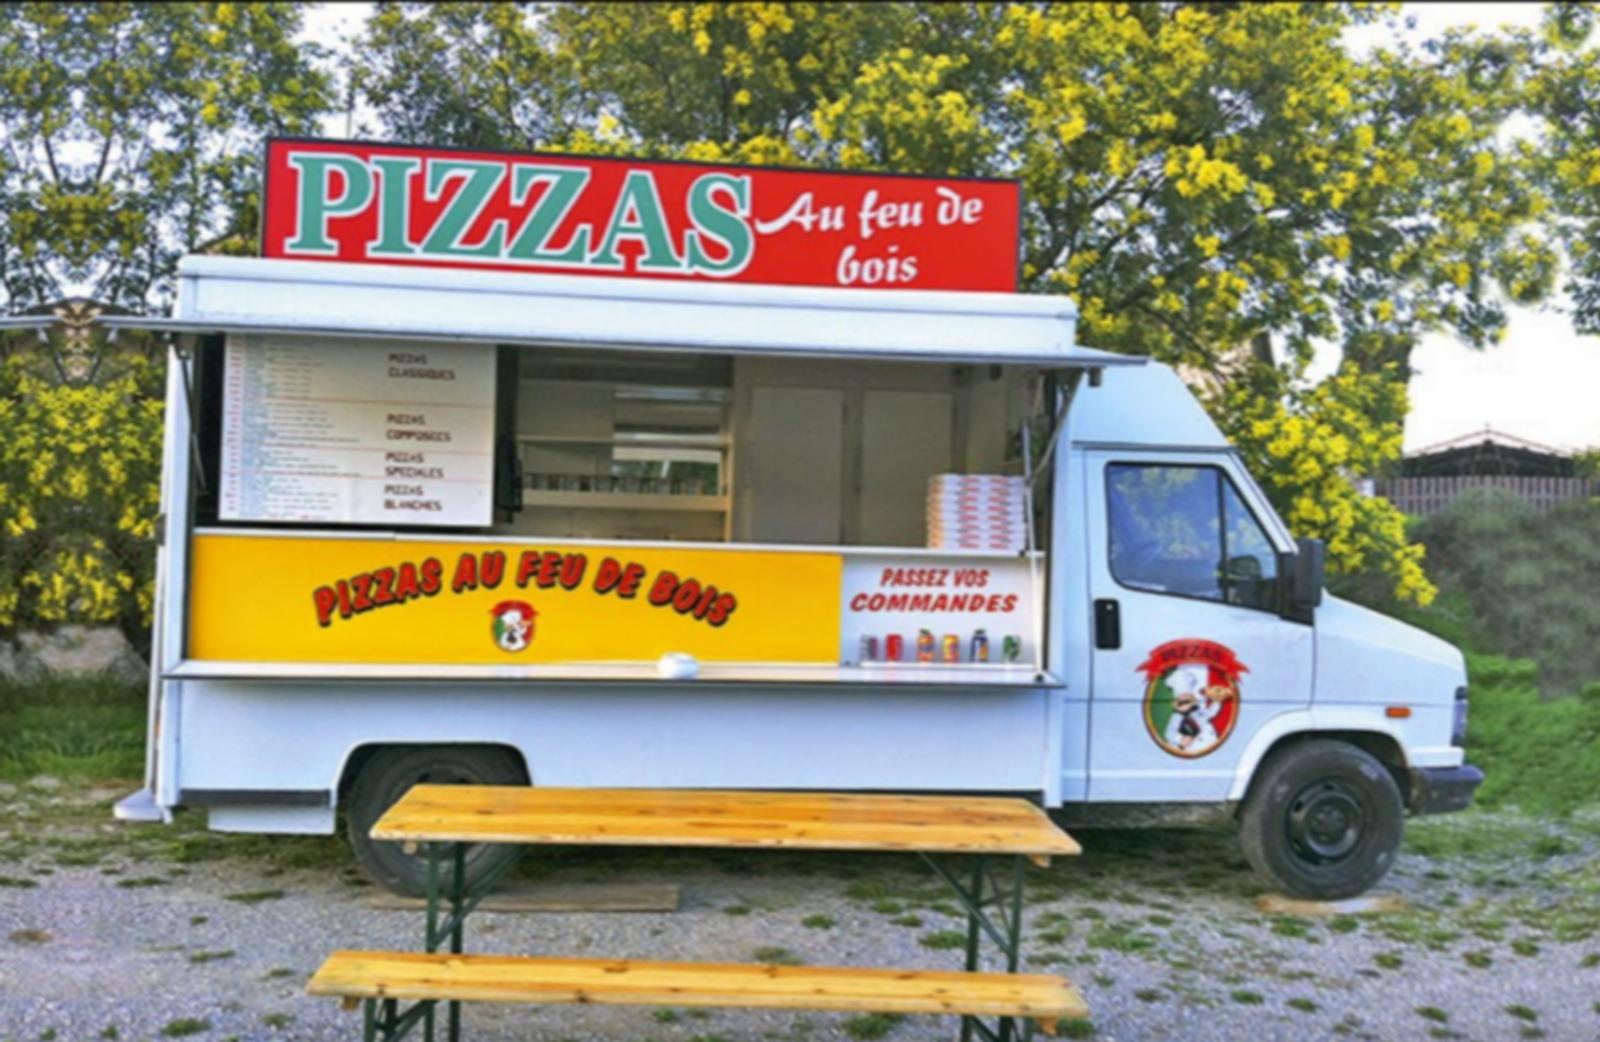 Camion pizza - feu de bois